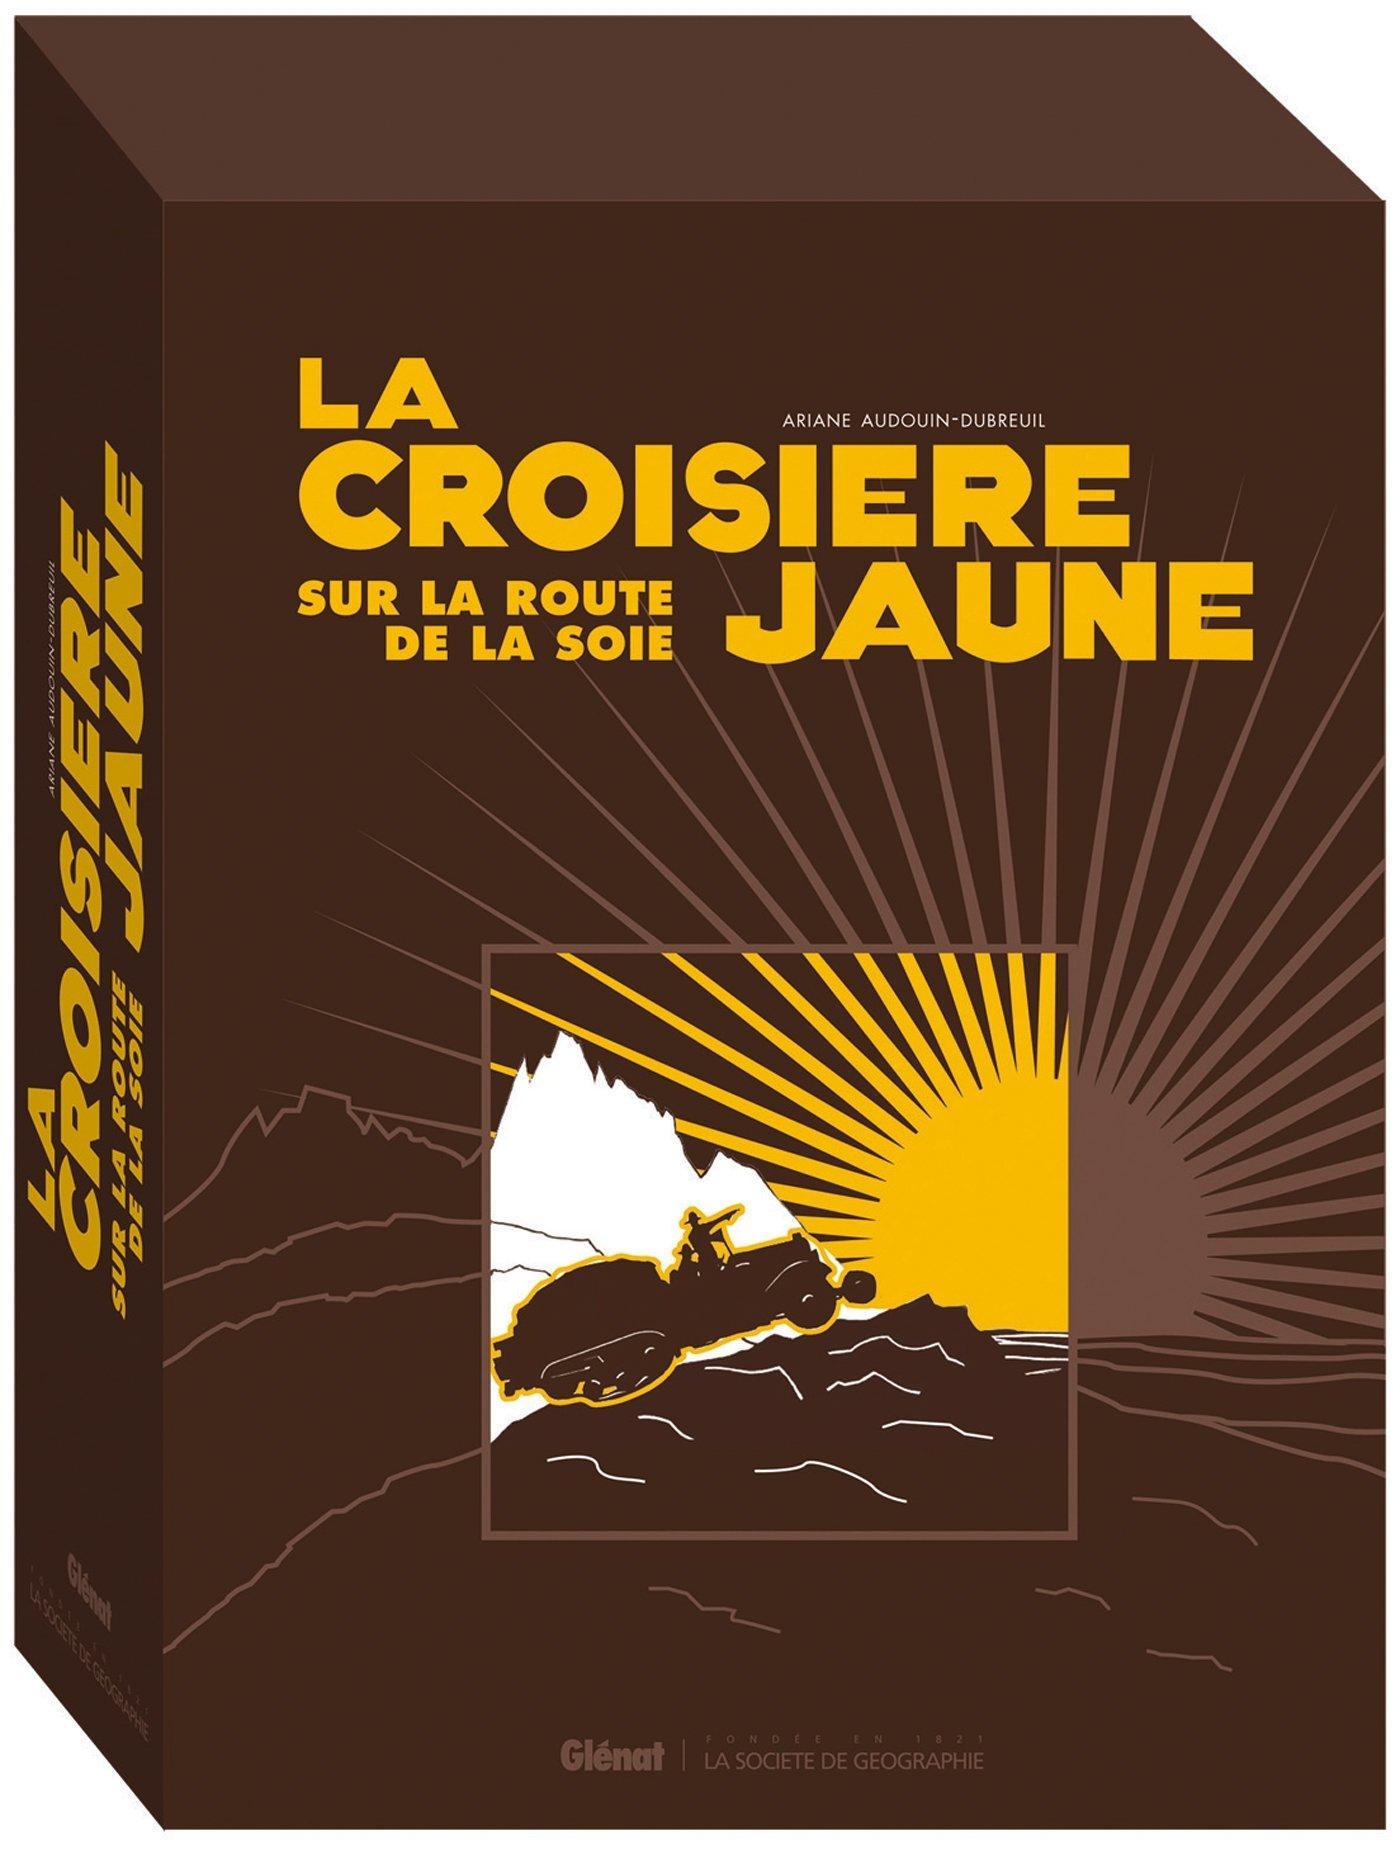 2013 La croisière jaune Documents inédits